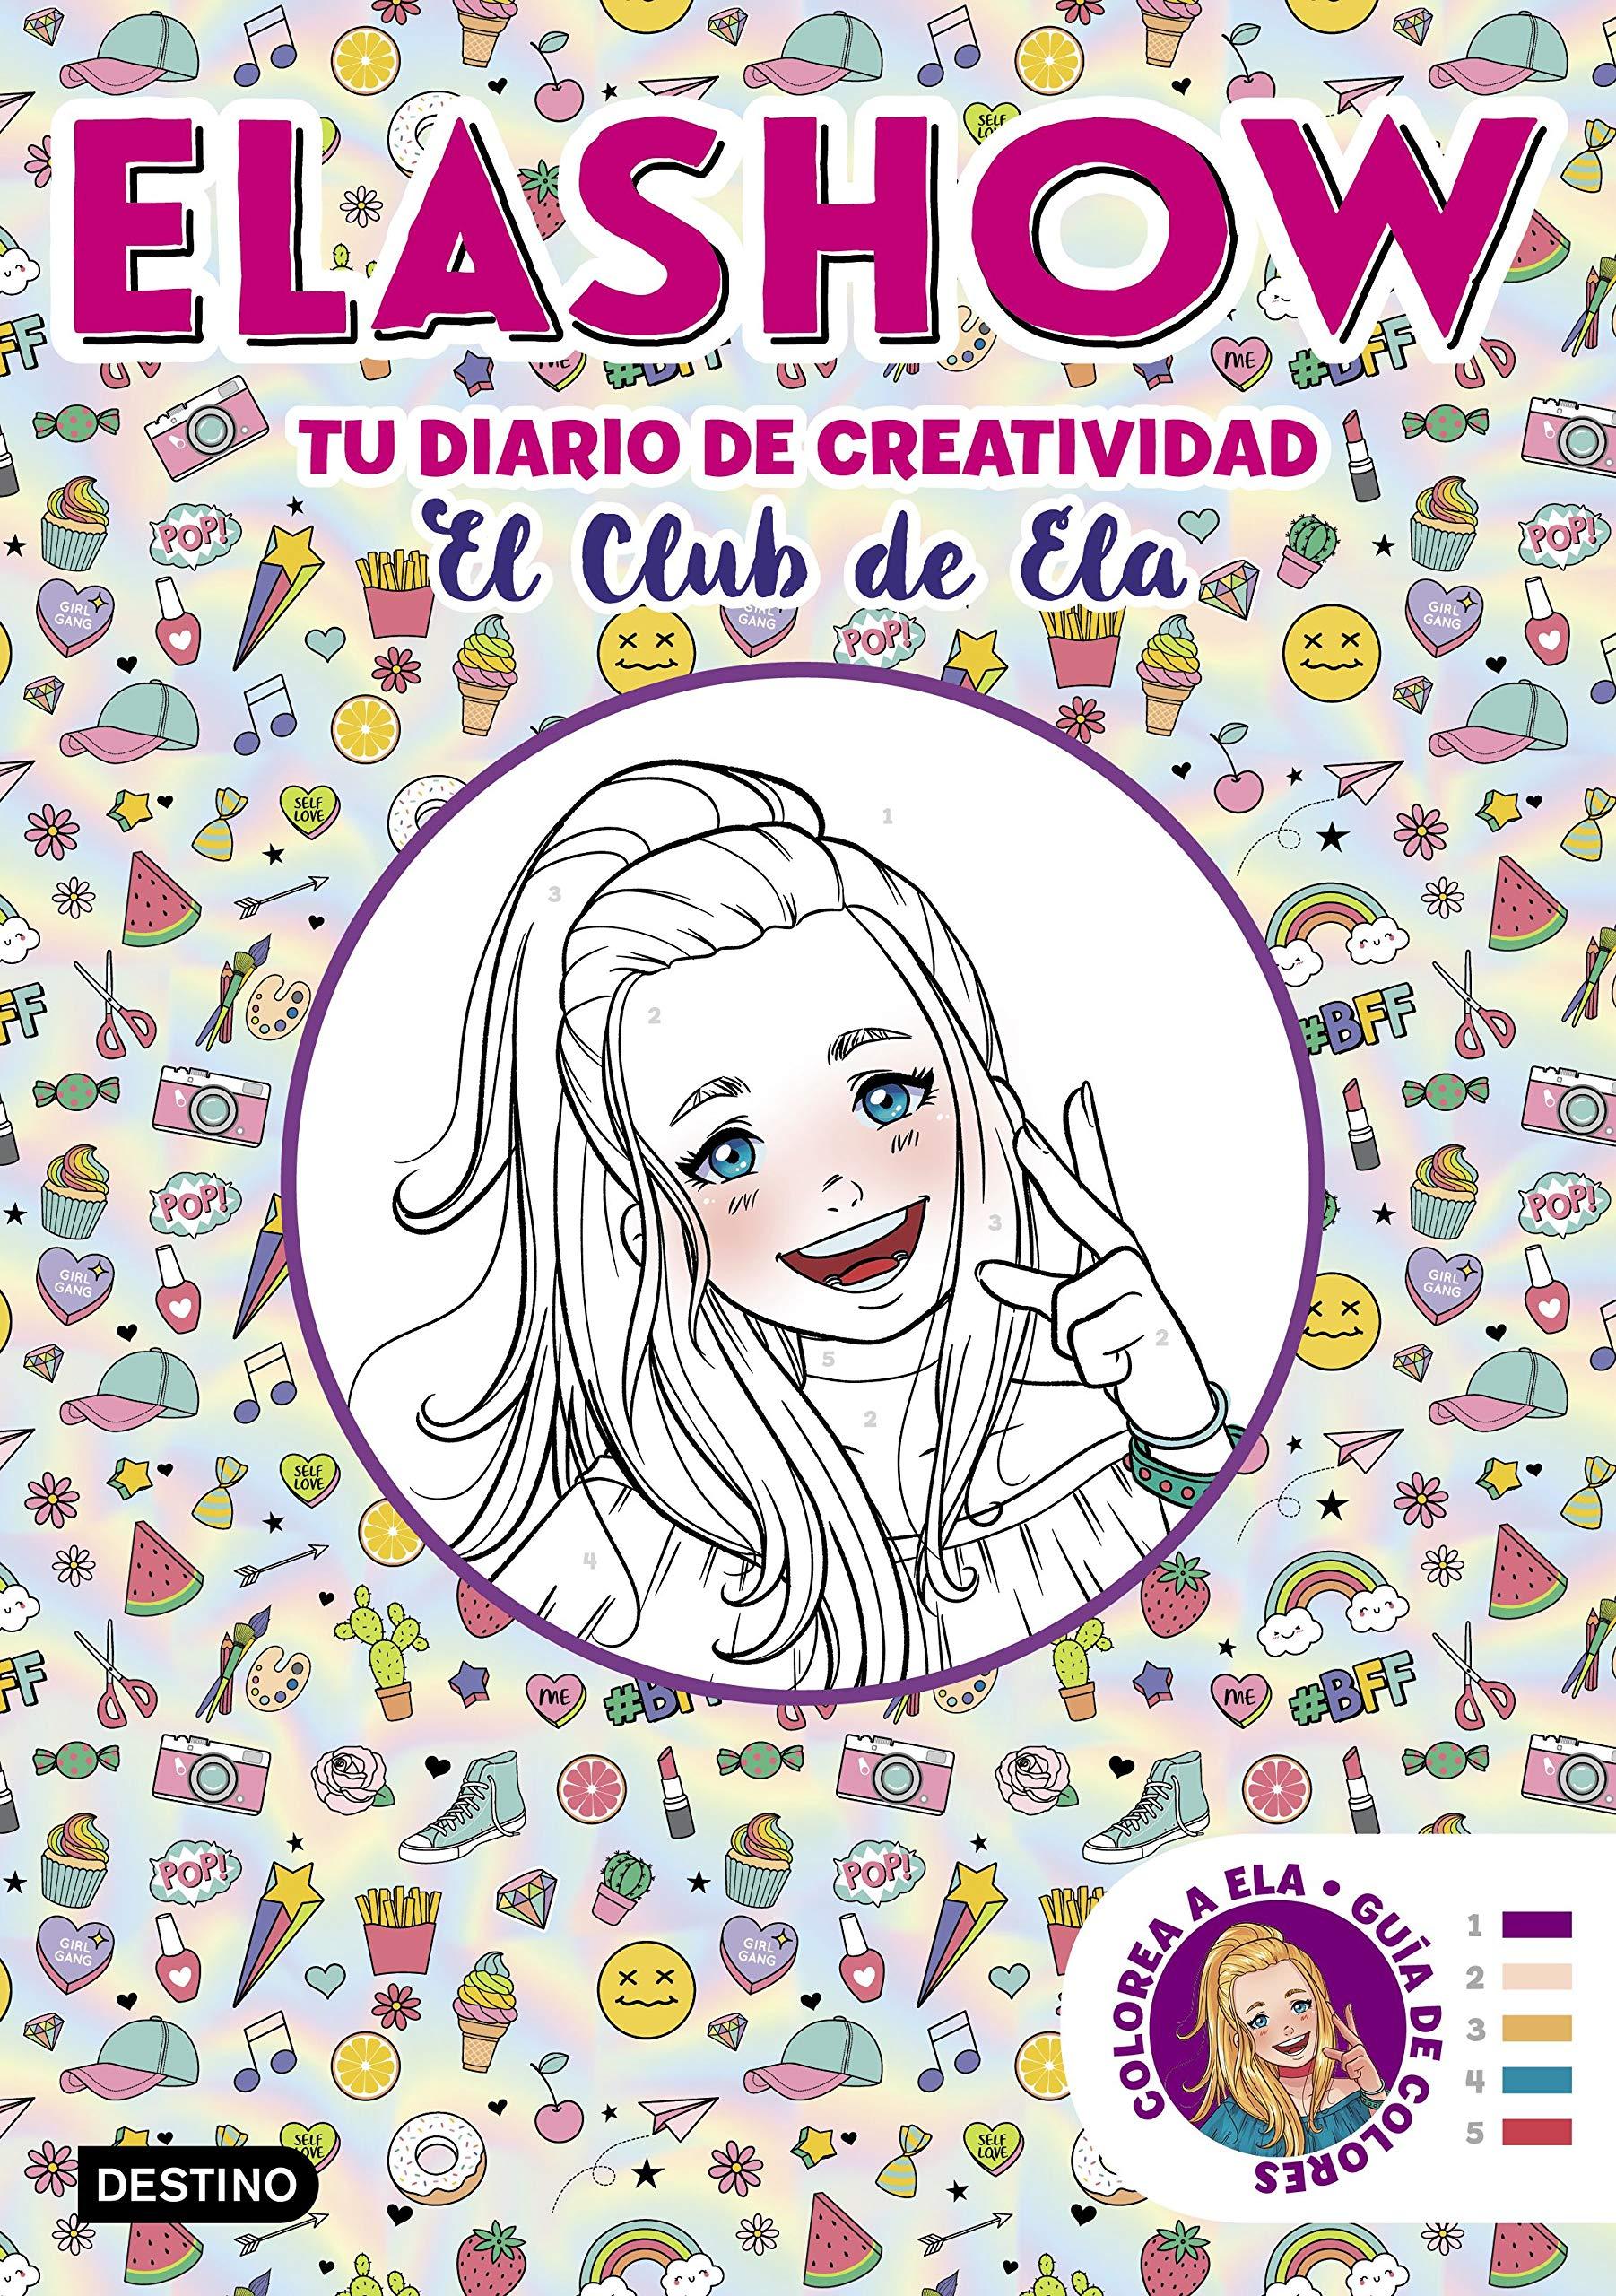 Elashow. Tu diario de creatividad: El Club de Ela Youtubers infantiles: Amazon.es: Martínez, Elaia: Libros